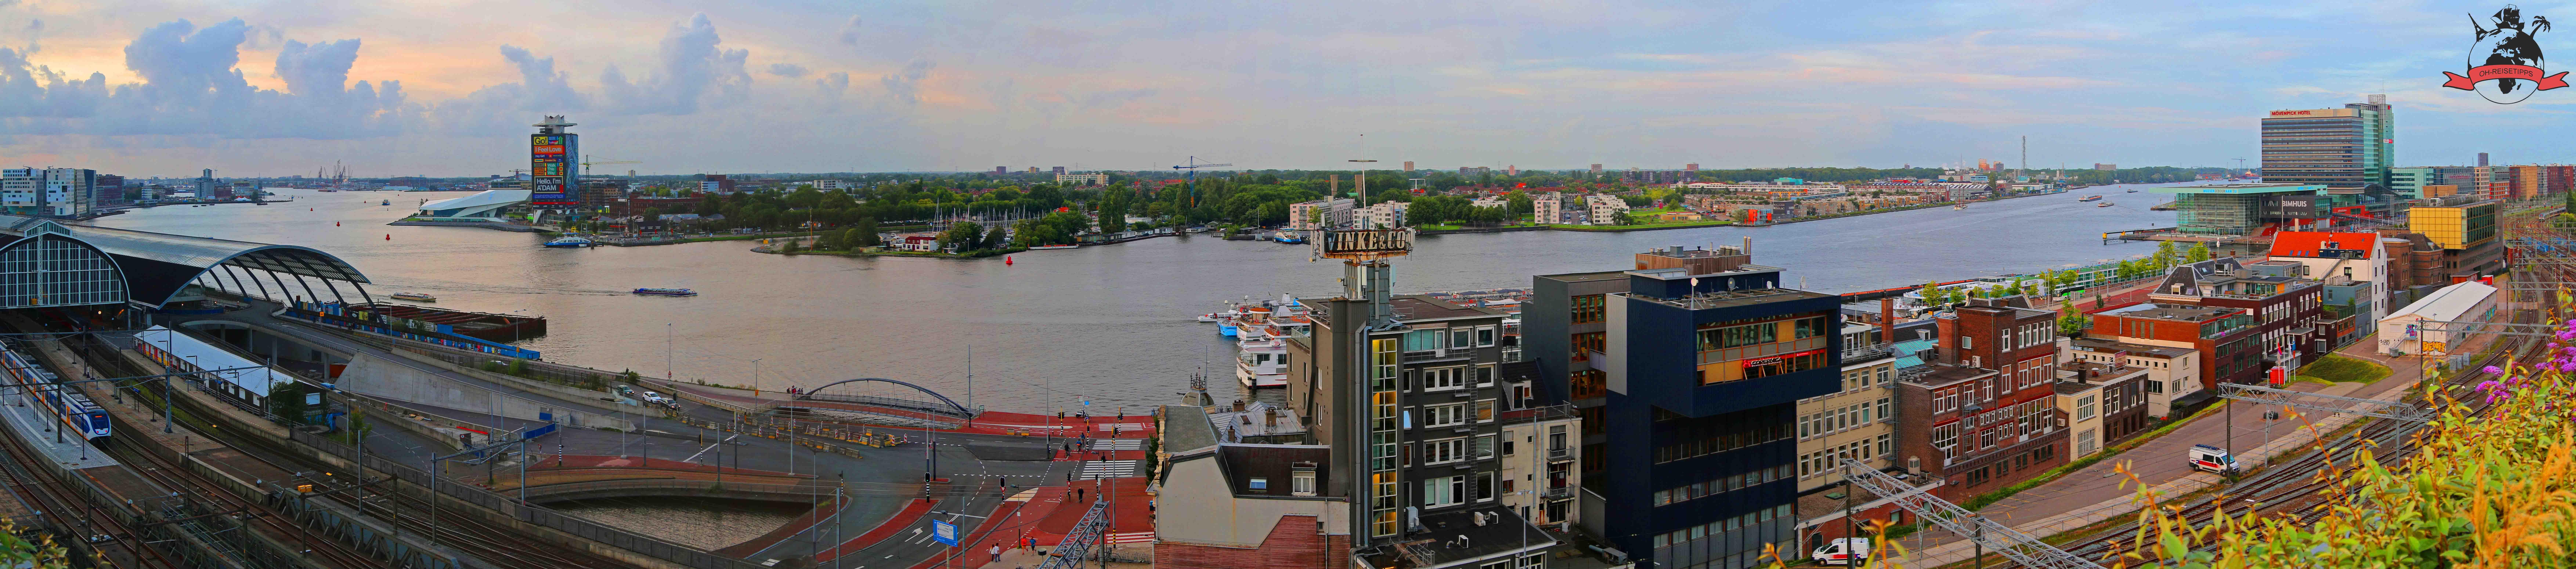 niederlande-amsterdam-hiltonhotel-hafen